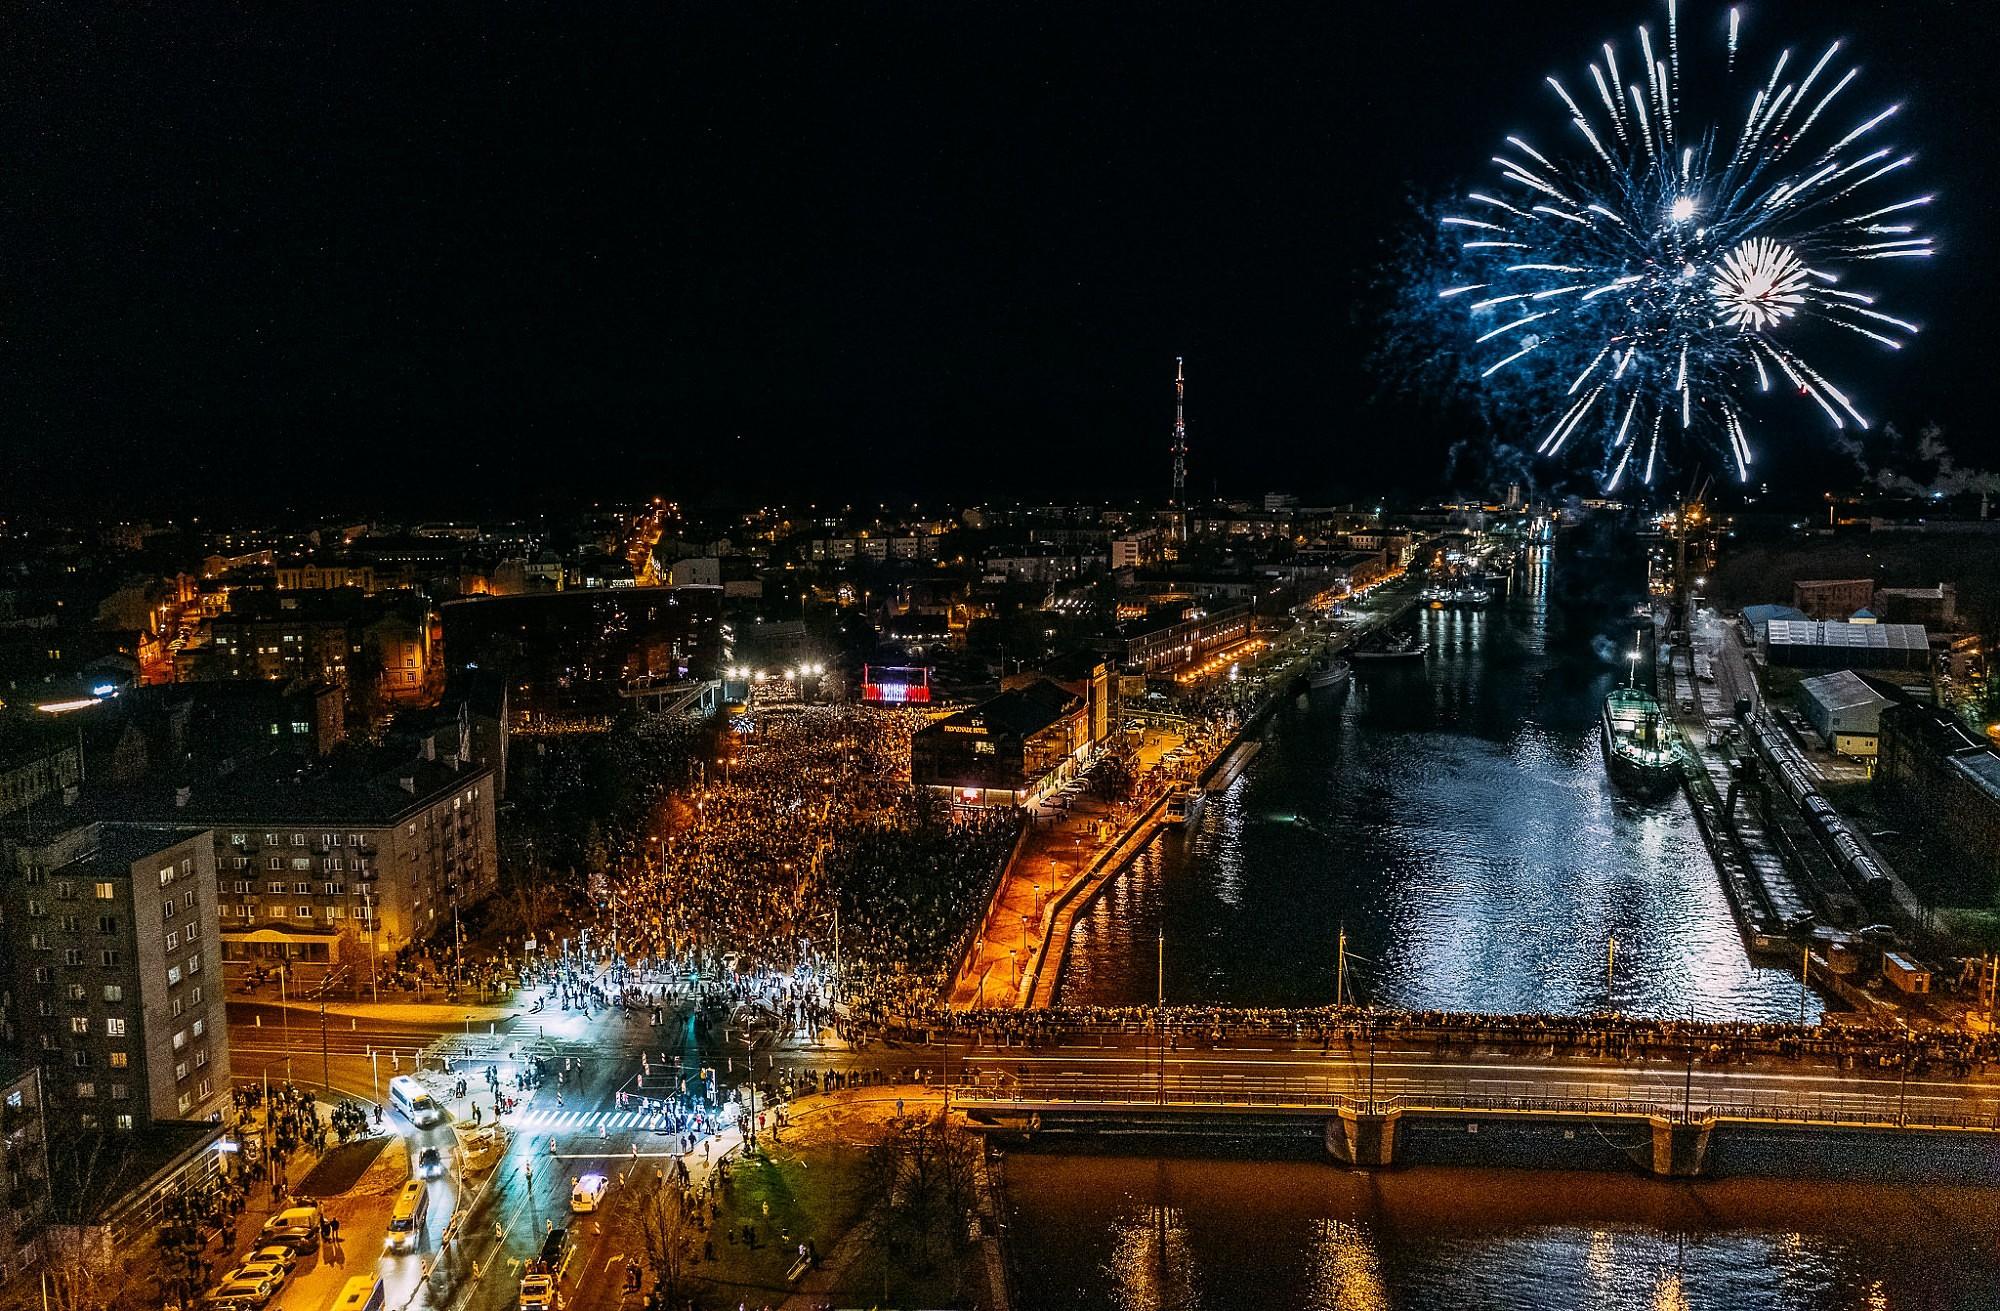 За праздничным салютом наблюдало почти 20 тысяч человек